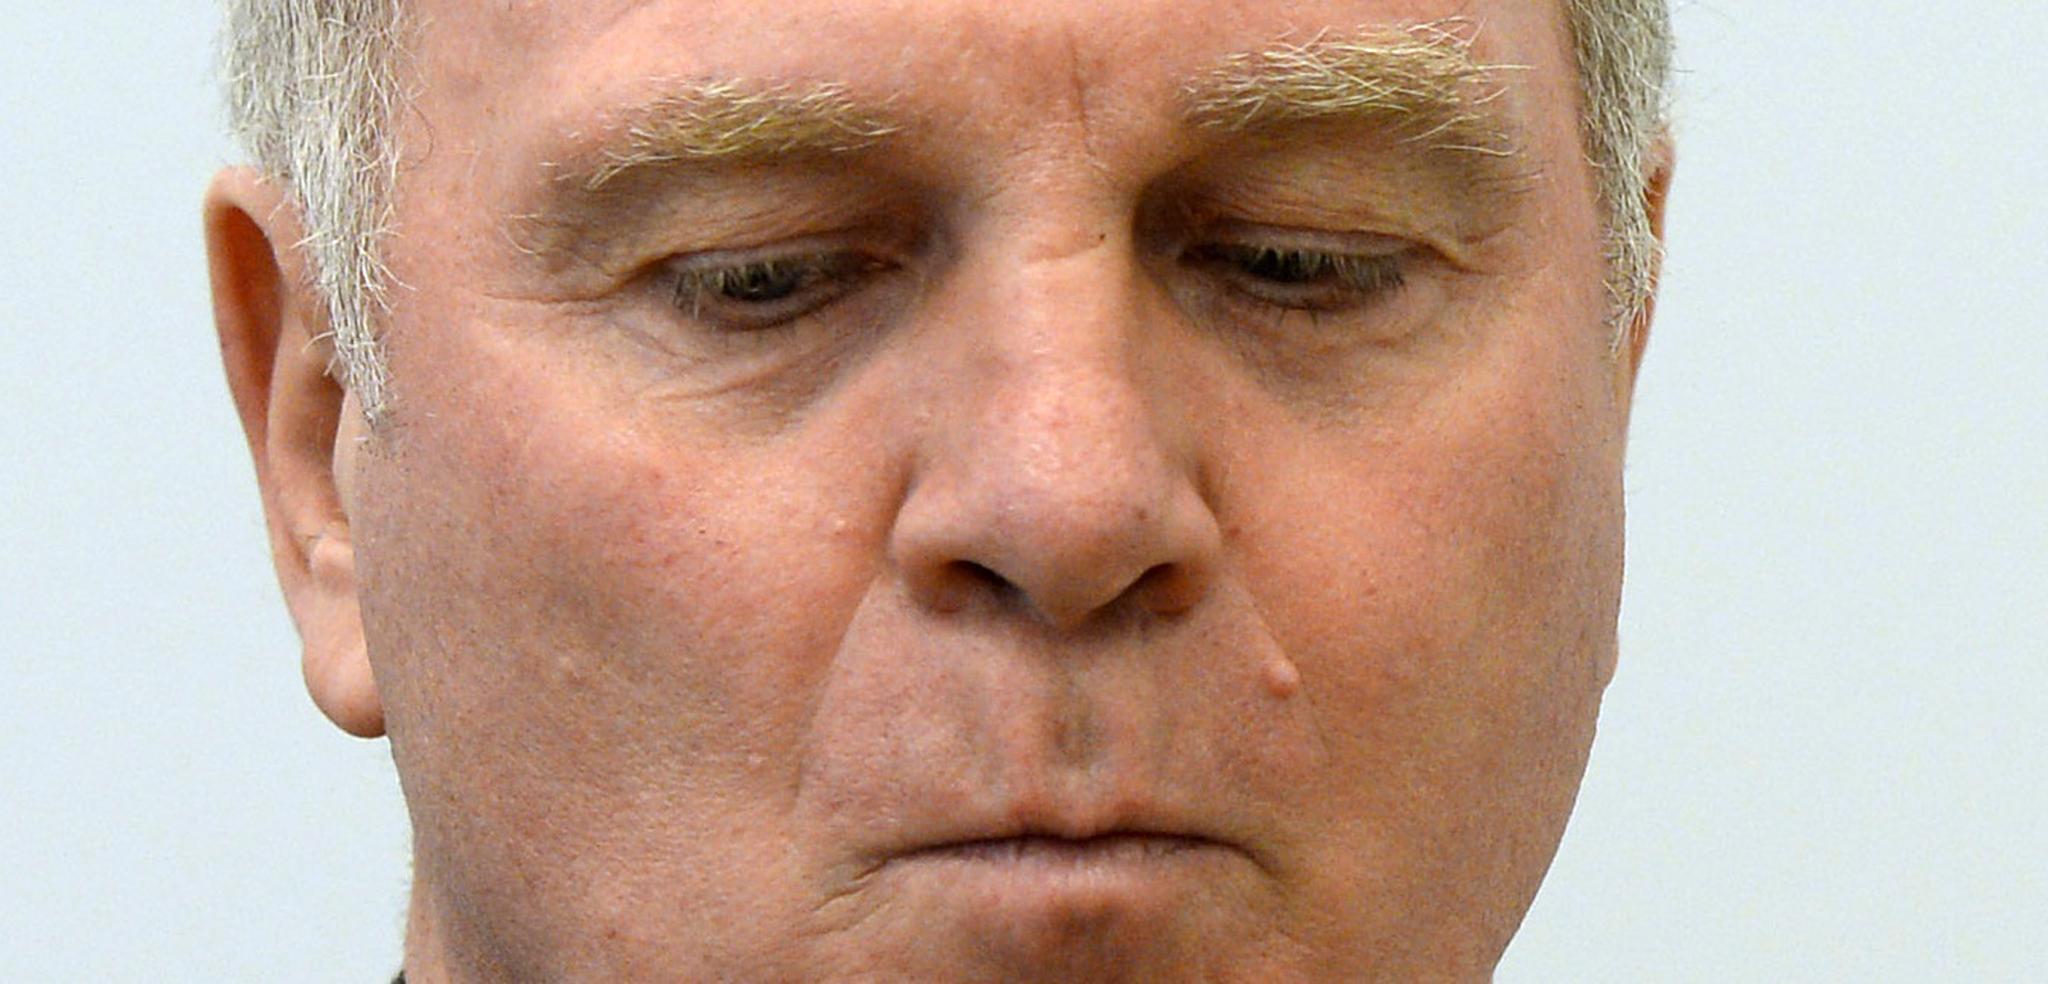 Knallharter Manager, gefühliger Gutmensch – und nun auch verurteilter Steuerhinterzieher. Da die Staatsanwaltschaft auf eine Revision verzichtet, wird der ehemalige Bayern-Boss in den nächsten Wochen seine Haftstrafe antreten.